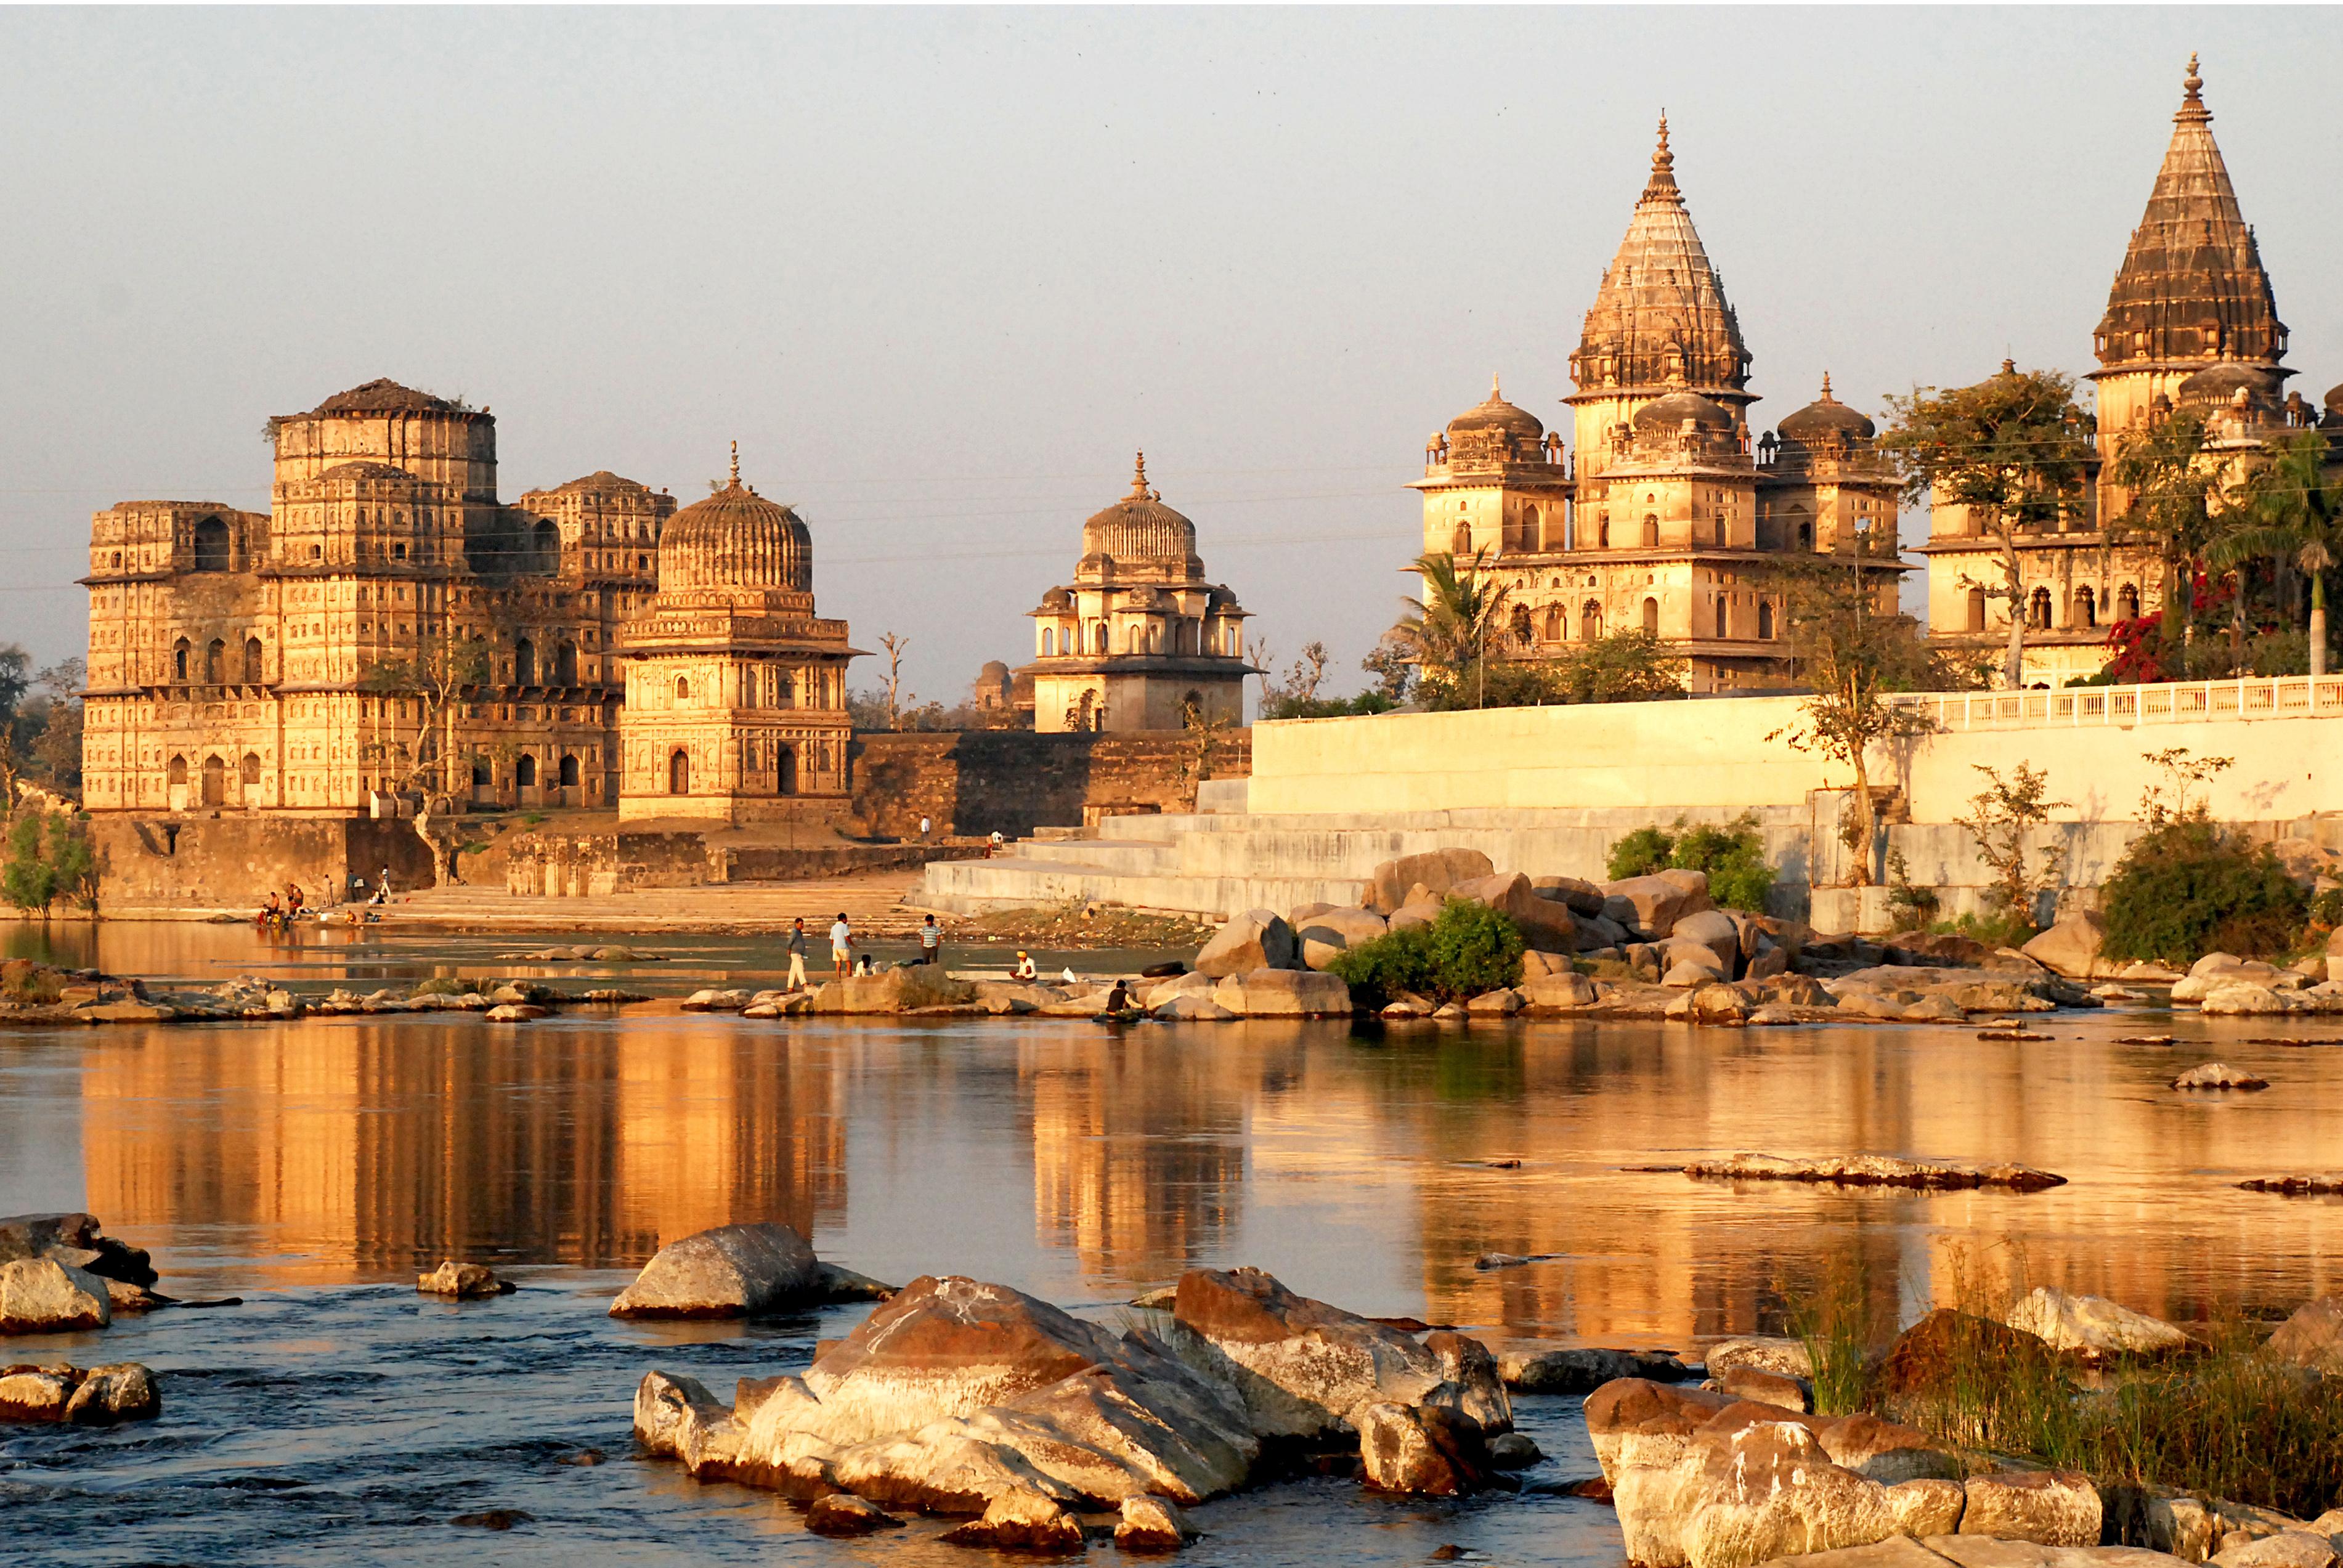 sites de rencontres en ligne gratuits à Nagpur sites de rencontres gratuits comme beaucoup de poissons